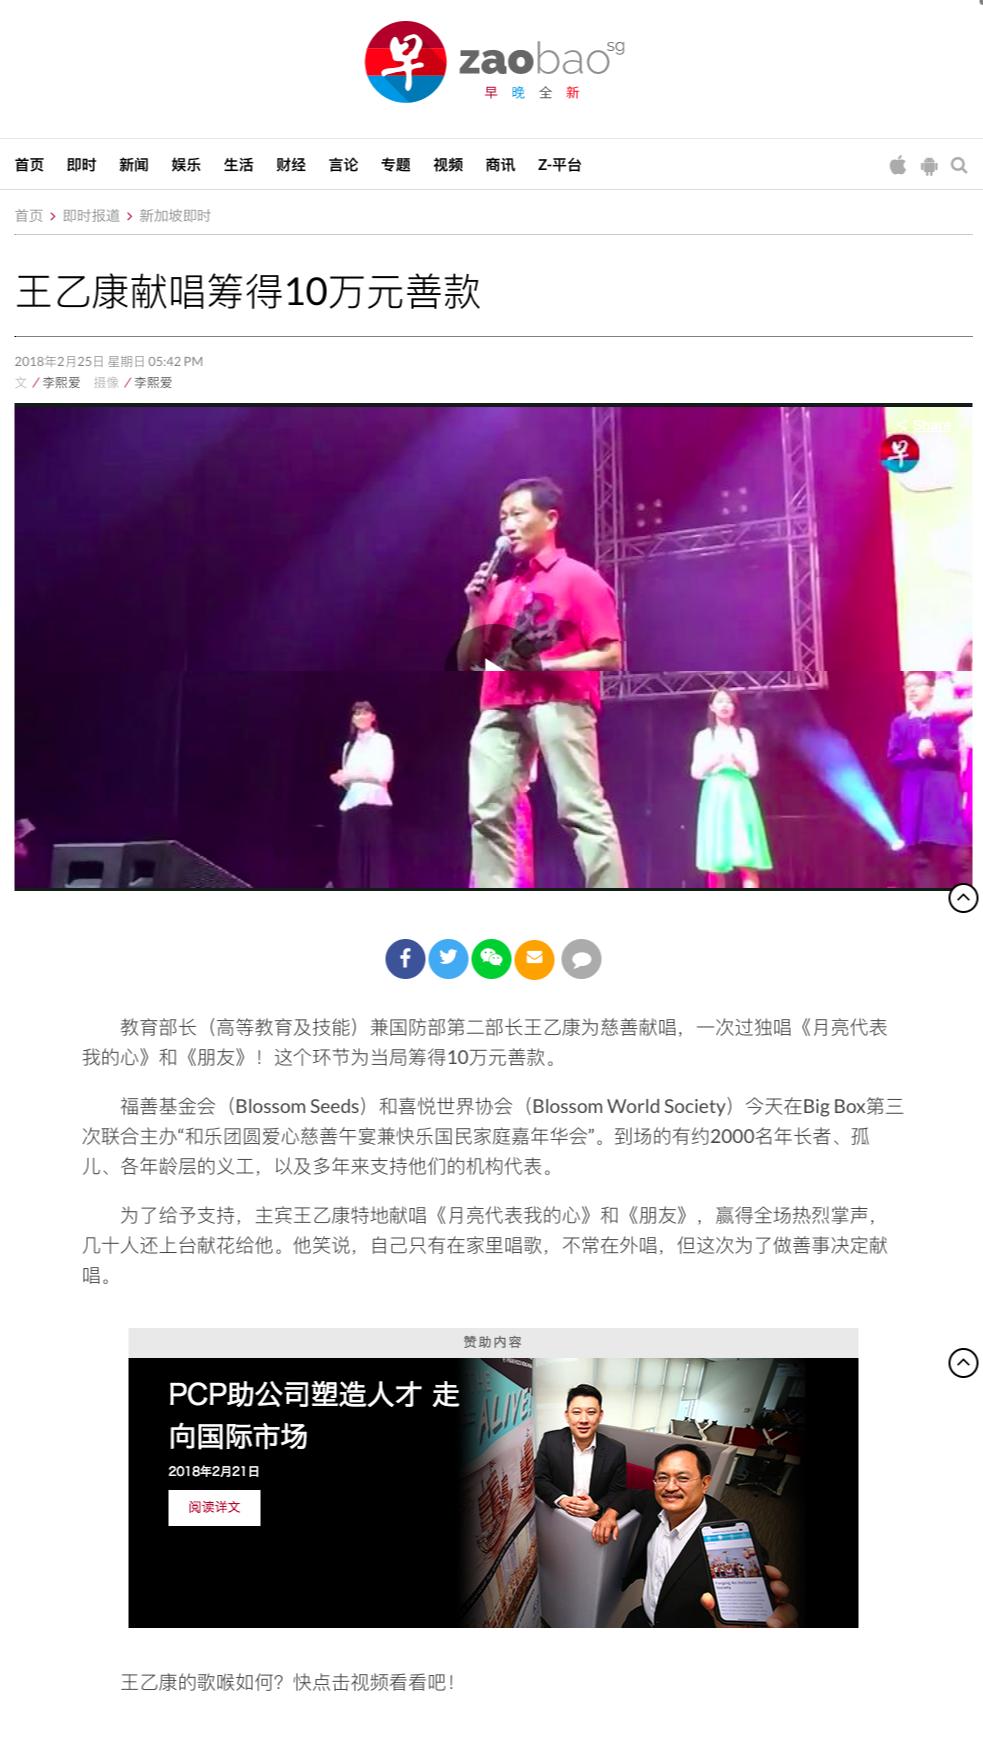 王乙康献唱筹得10万元善款 _ 联合早报 copy.png